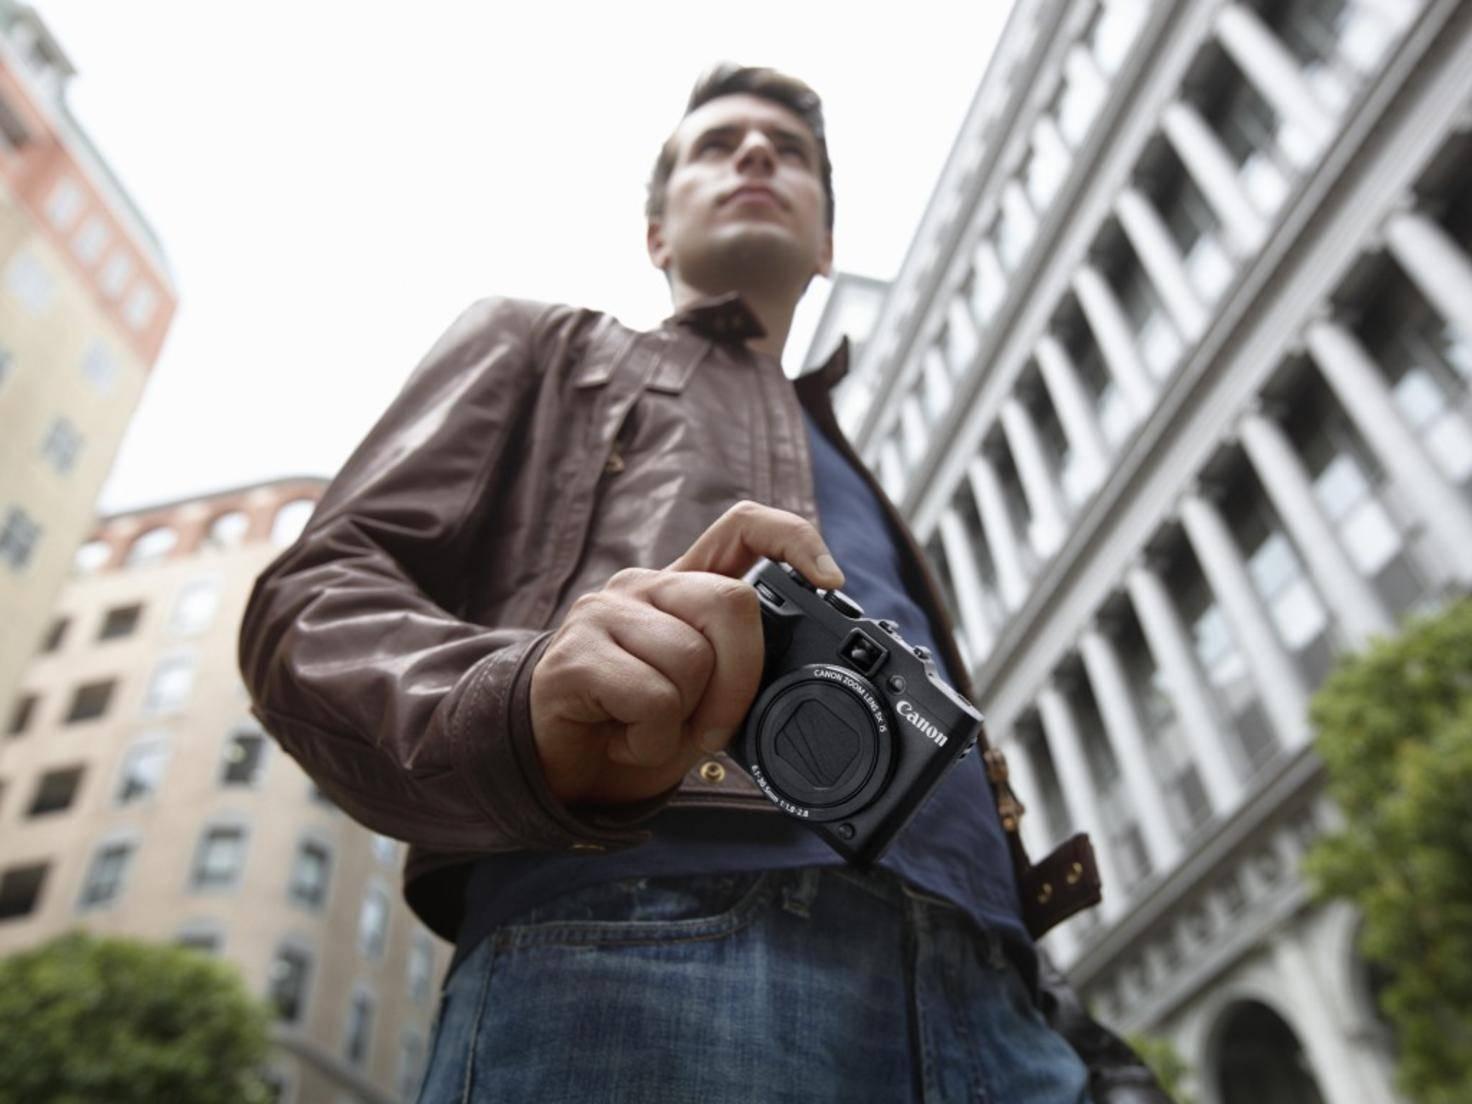 Fotografieren und Bilder gleich teilen? Digitalkameras mit WLAN machen's möglich.